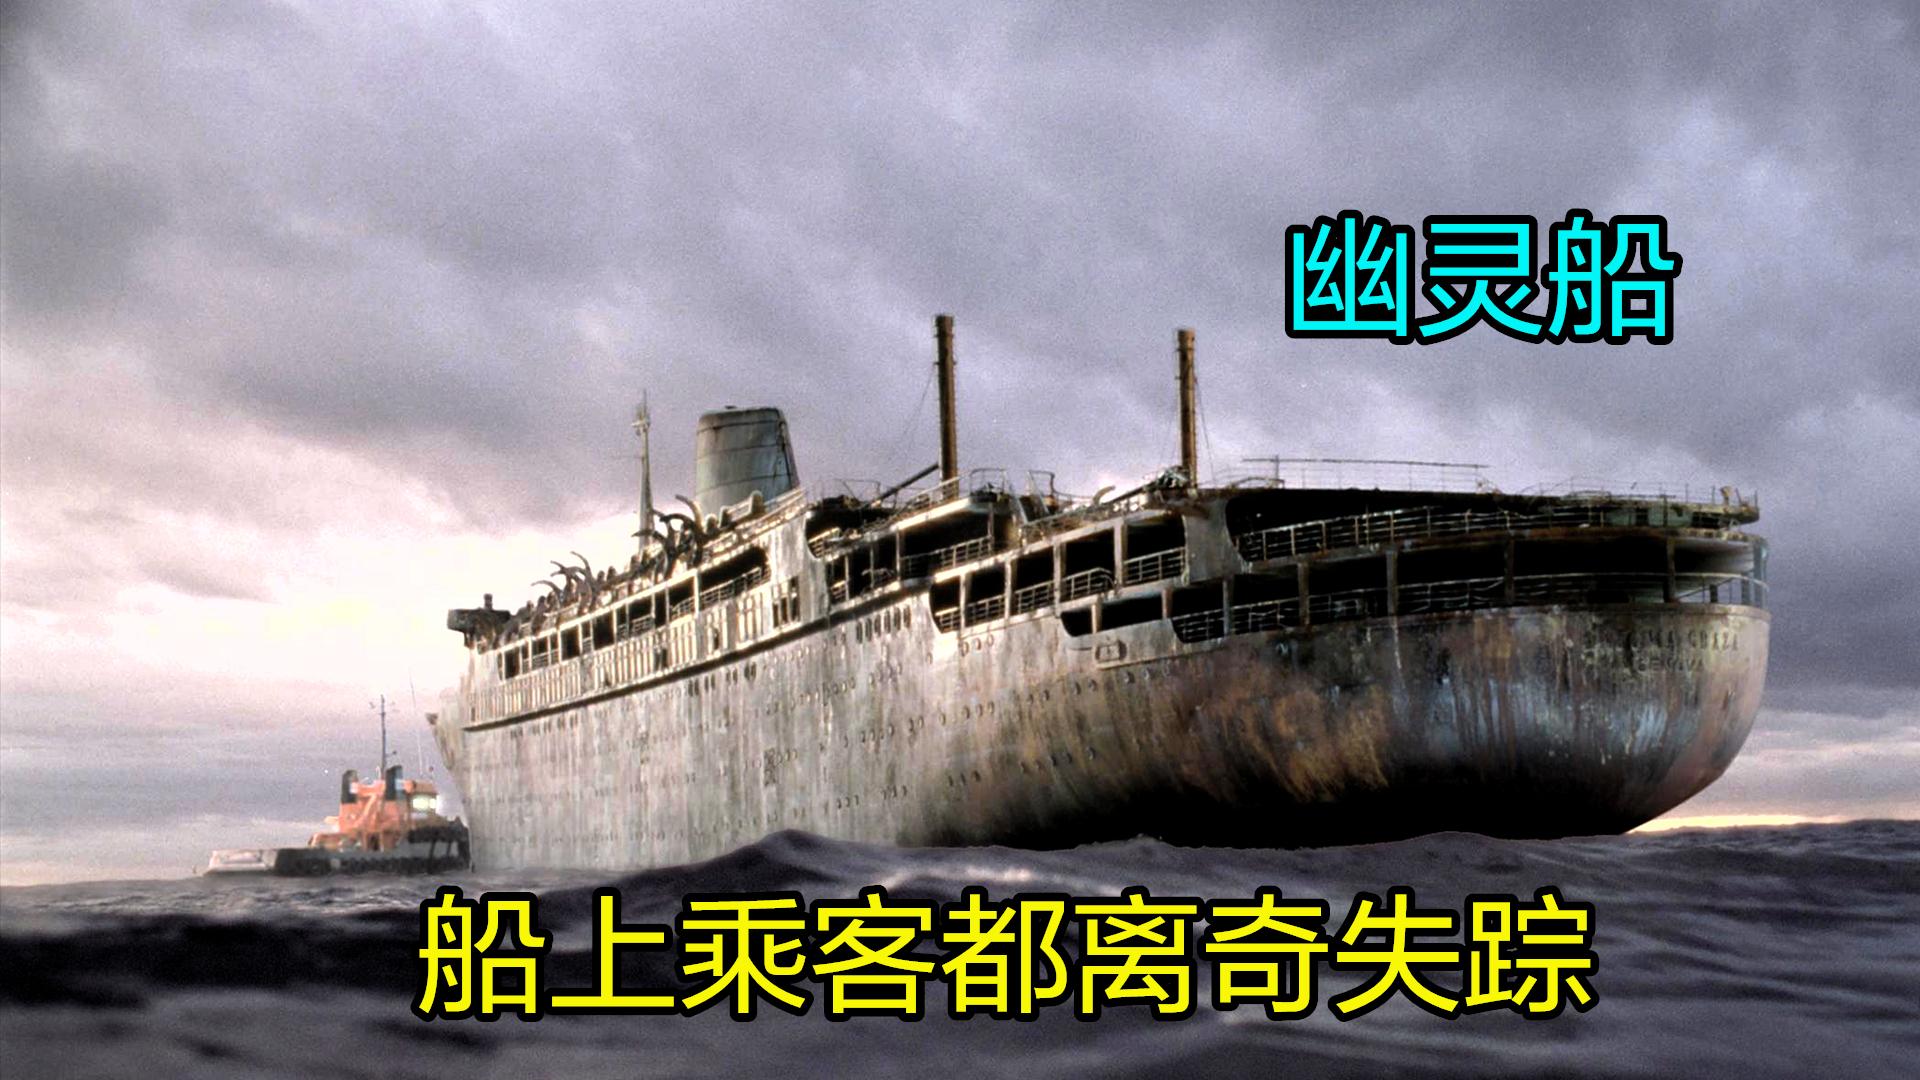 奇幻片《幽灵船》:豪华轮船遭遇神秘袭击,船上乘客都离奇失踪!